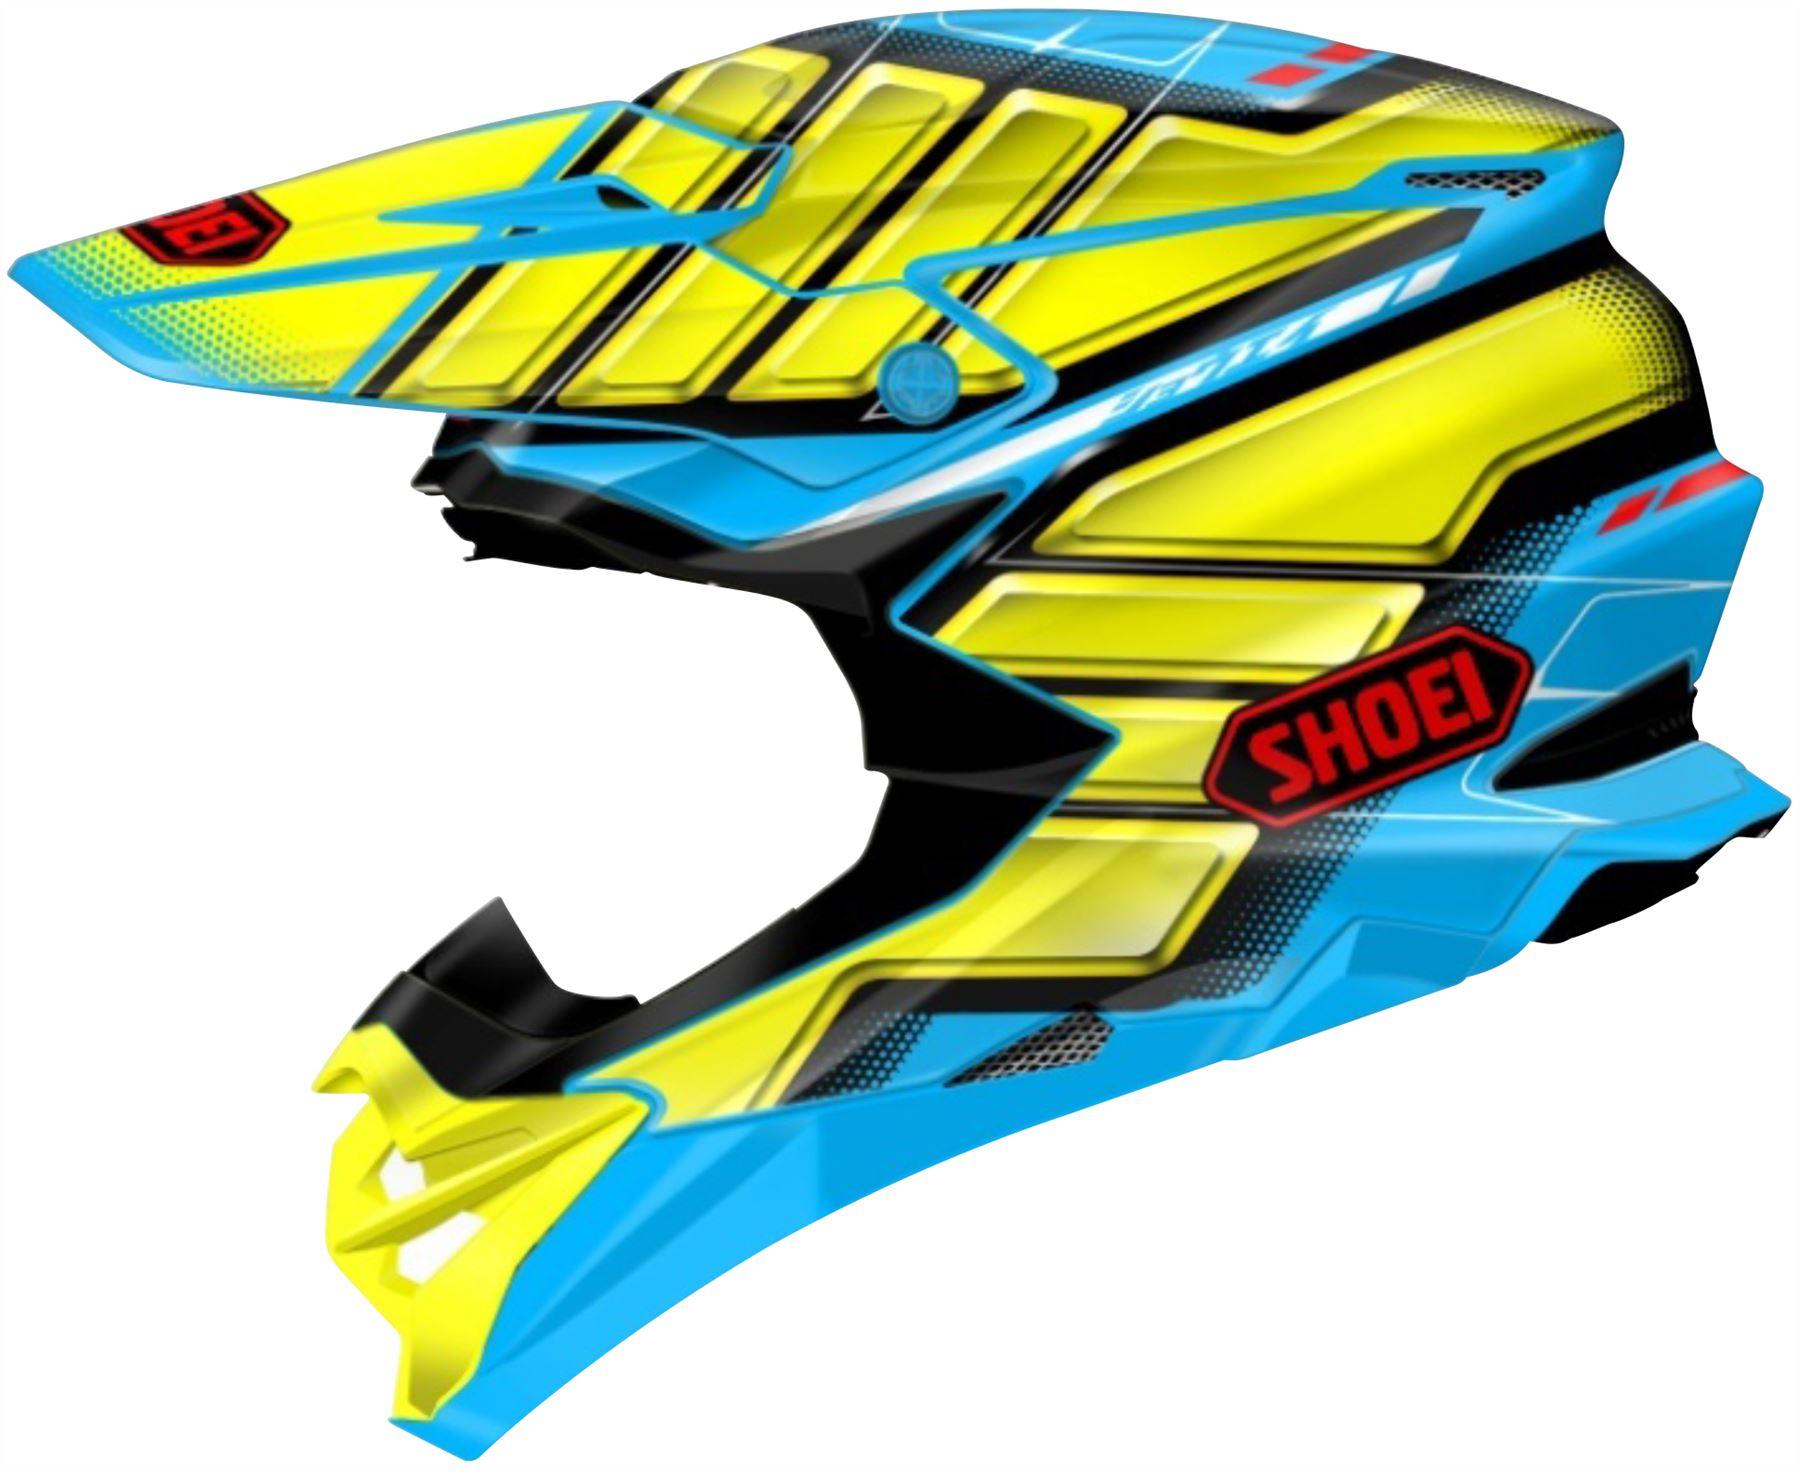 miniature 6 - Shoei VFX-EVO Helmet Off Road Full Face Lightweight DOT SNELL M2015 XS-2XL